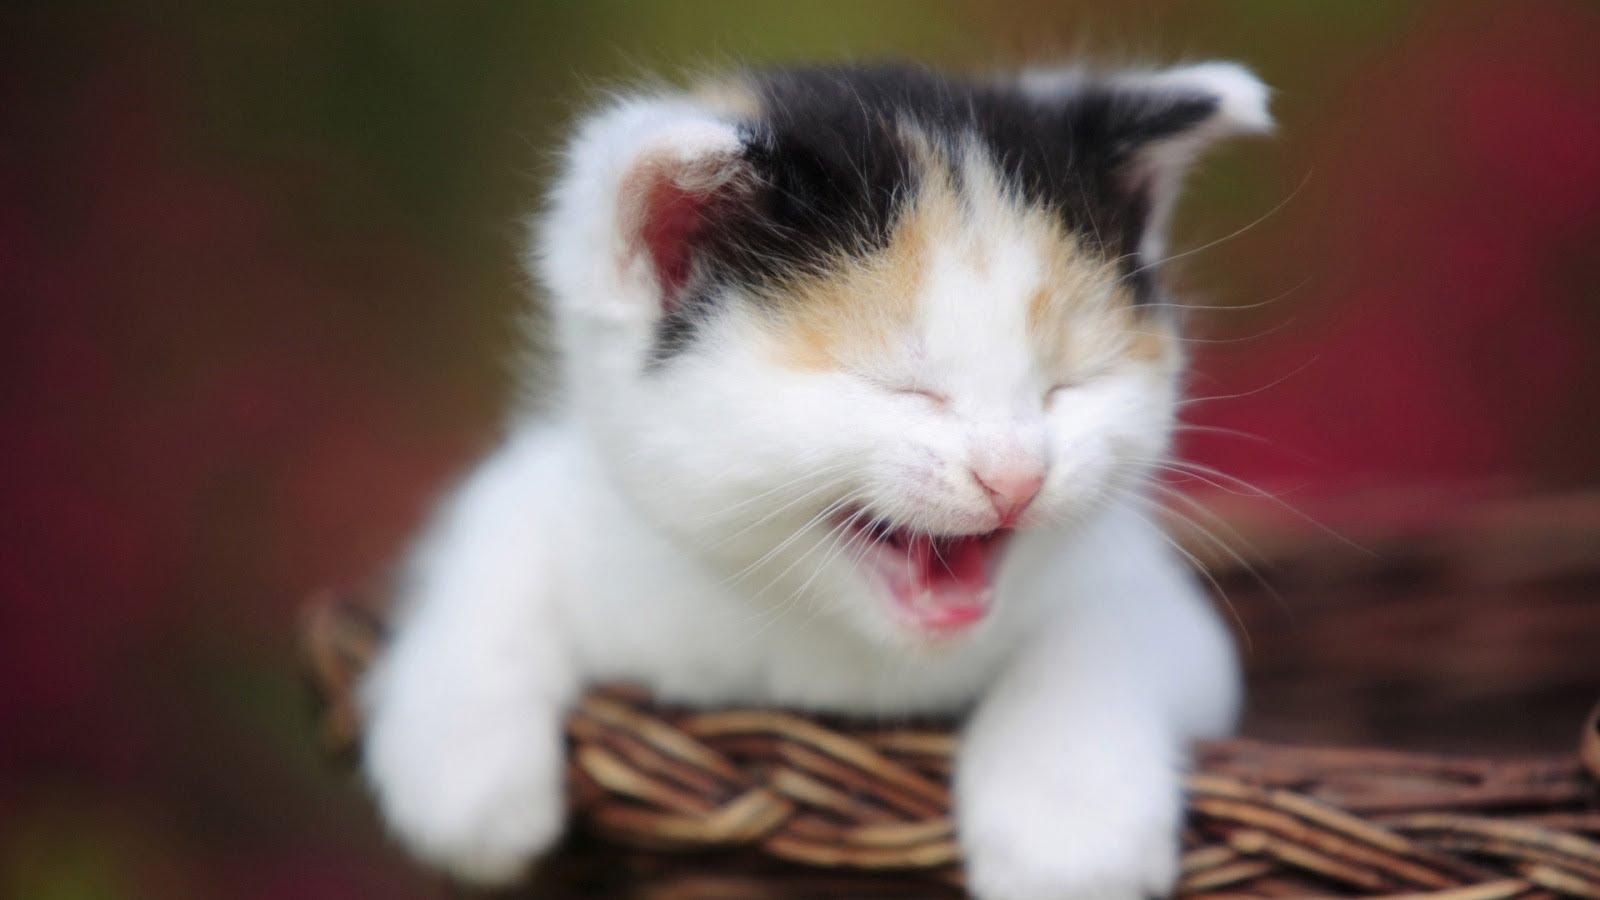 بالصور صور قطط مضحكة , شاهد افضل الصور المضحكة للقطط الان 5065 3